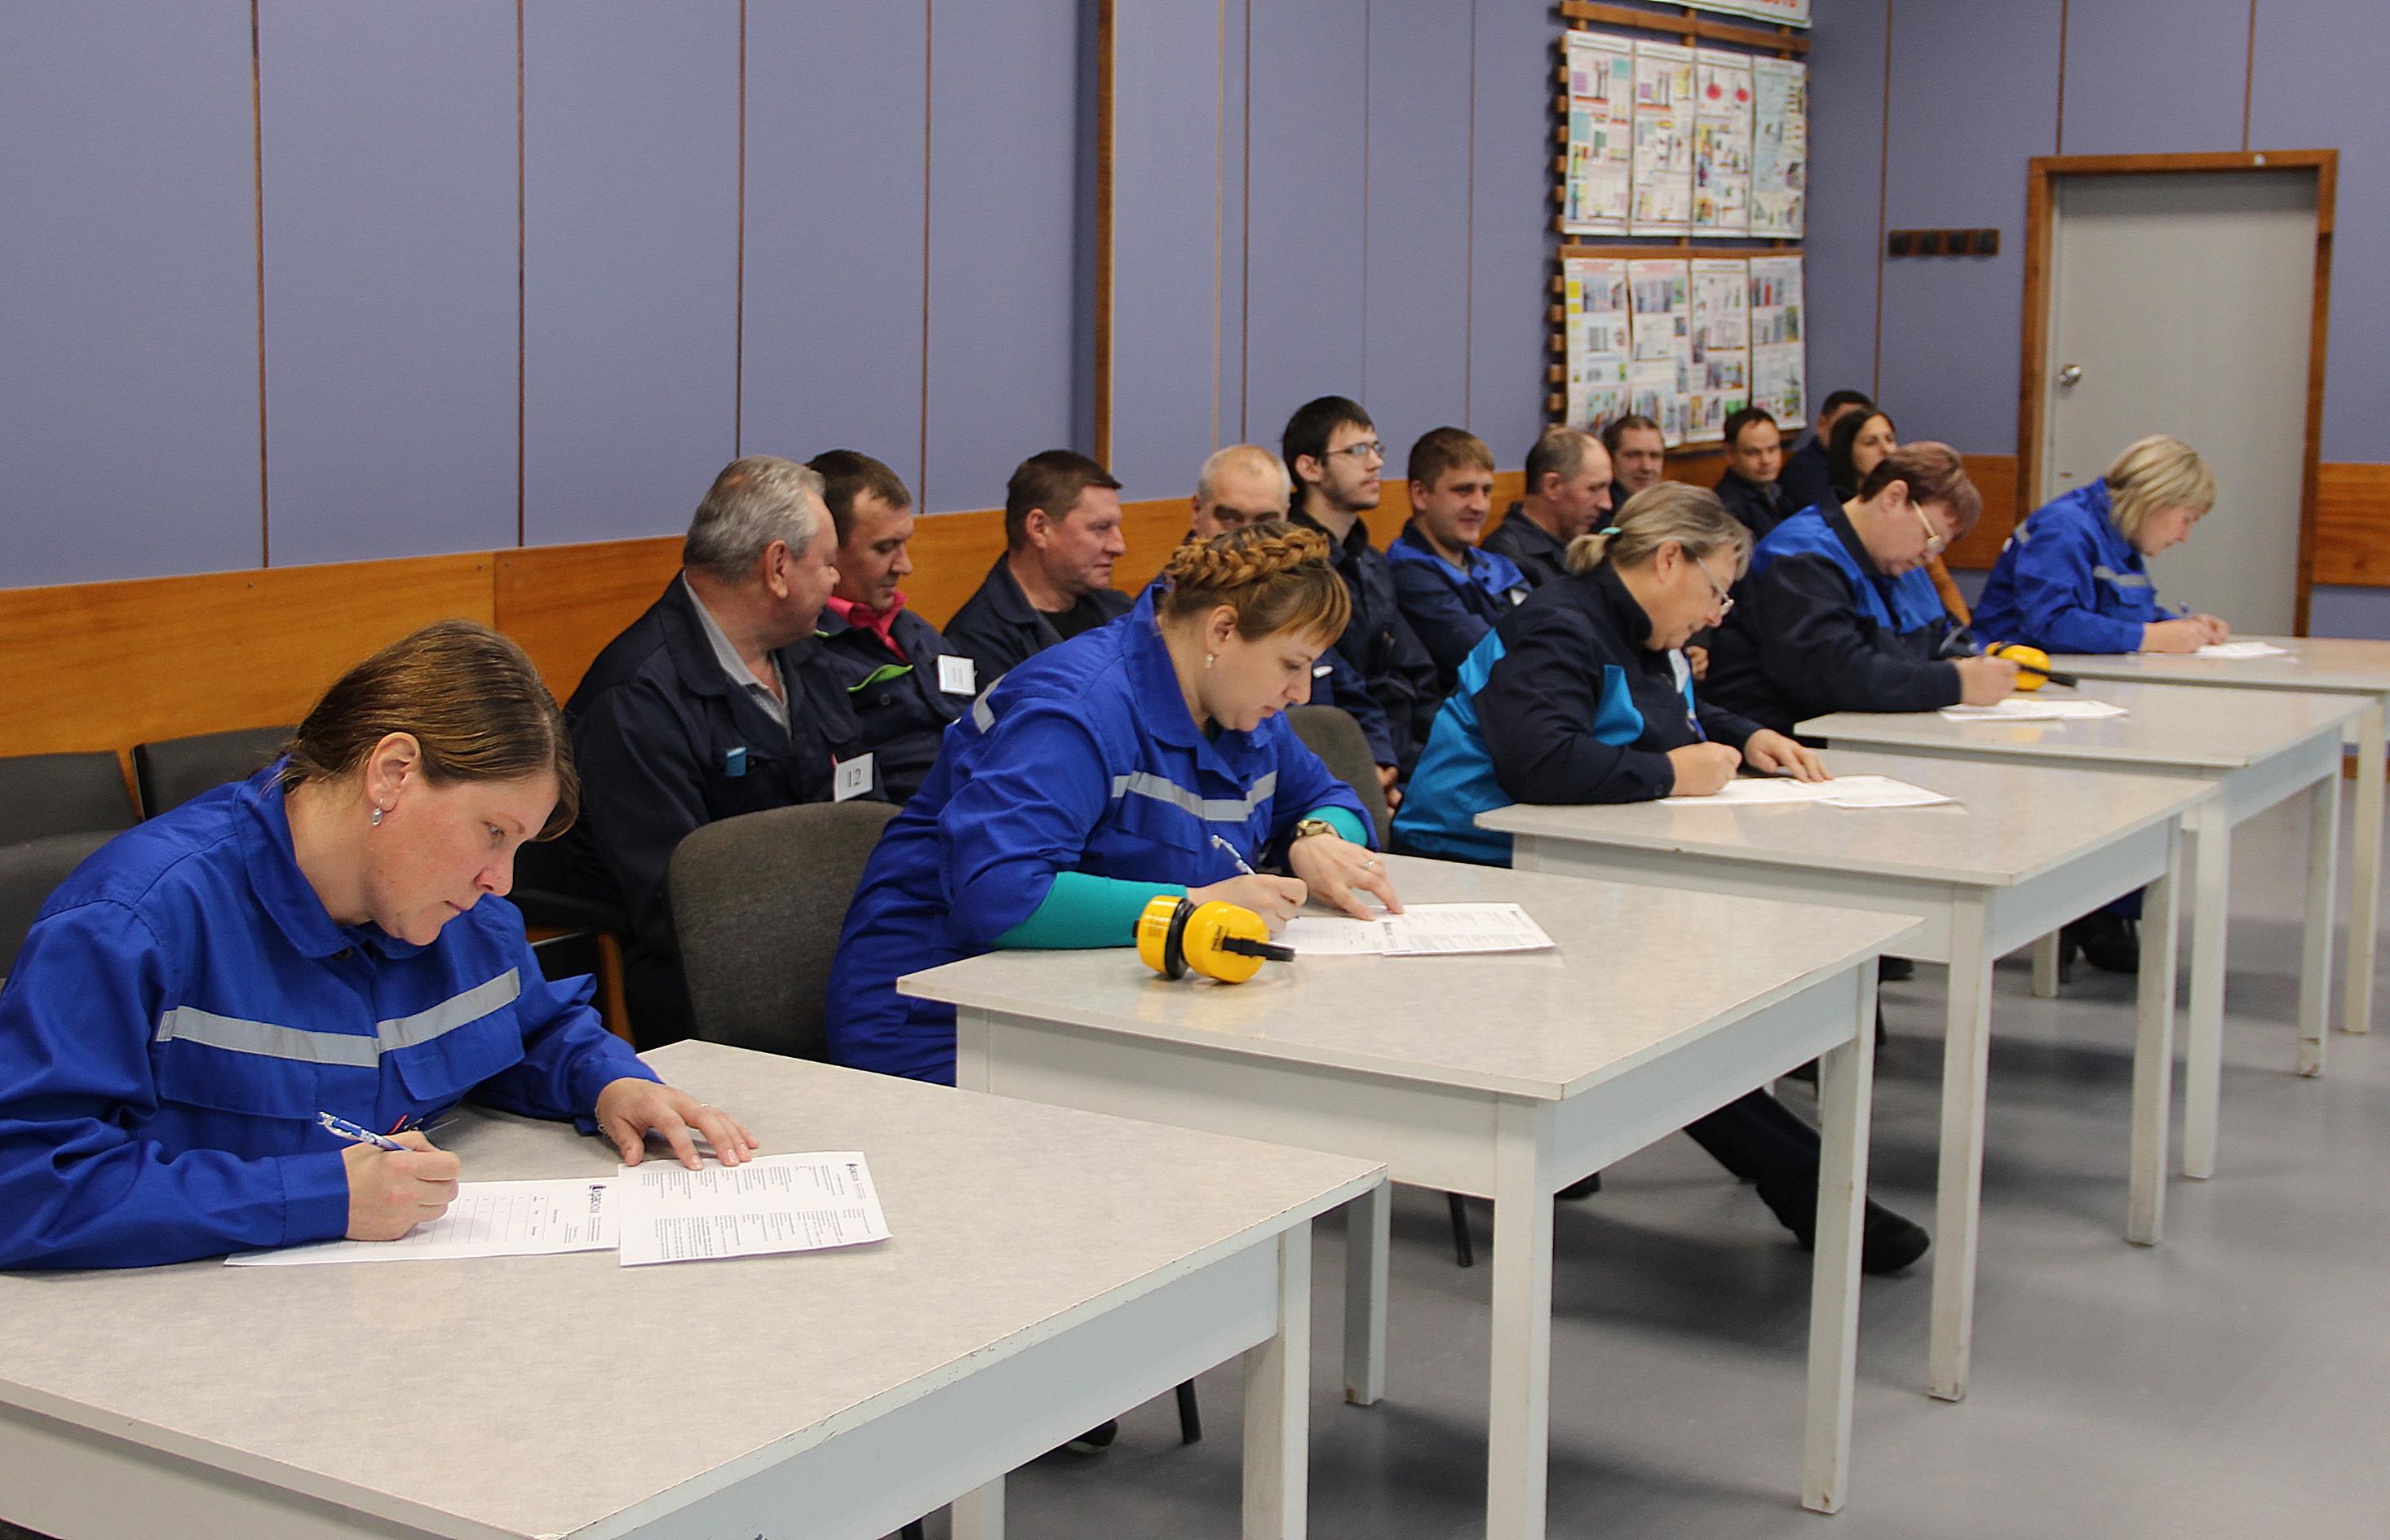 Для  жюри было важно, как конкурсанты соблюдают требования охраны труда, грамотно используют техническую документацию, оборудование и знают теорию  профессии.